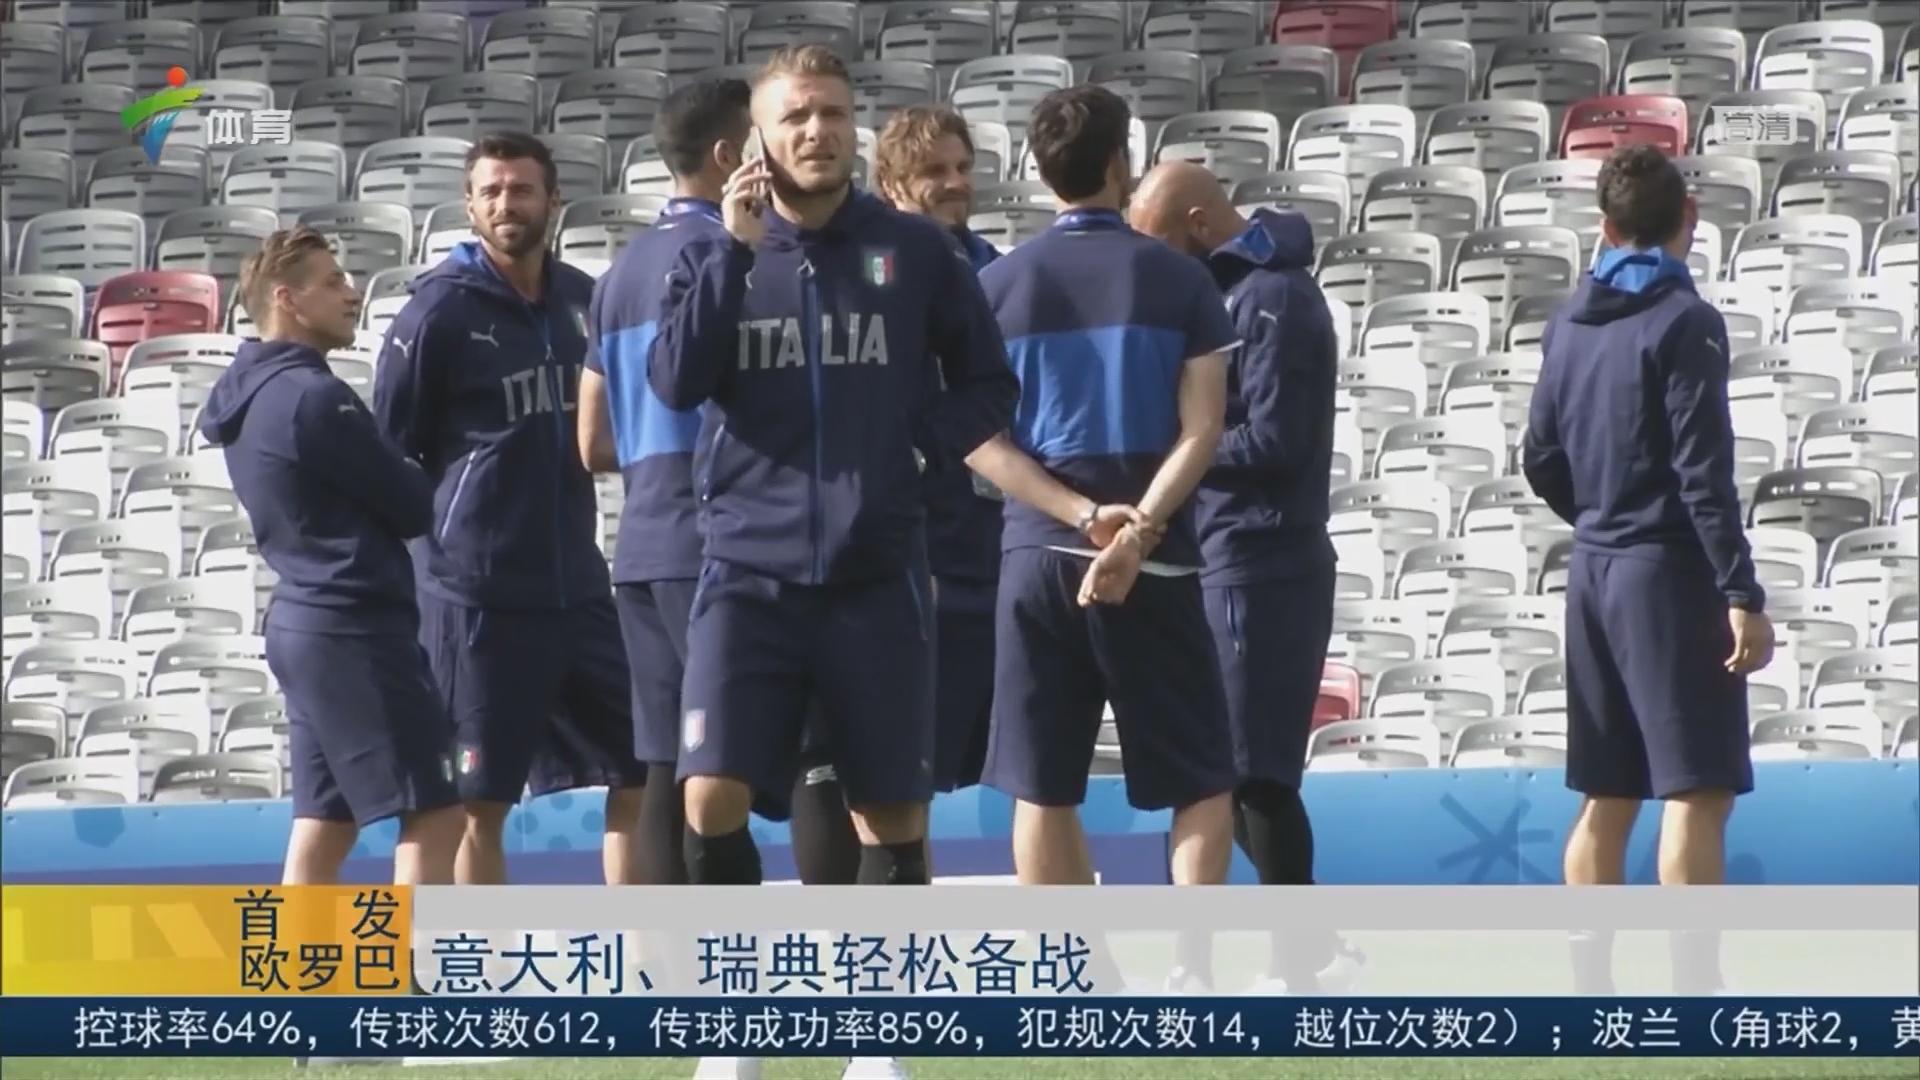 意大利、瑞典轻松备战